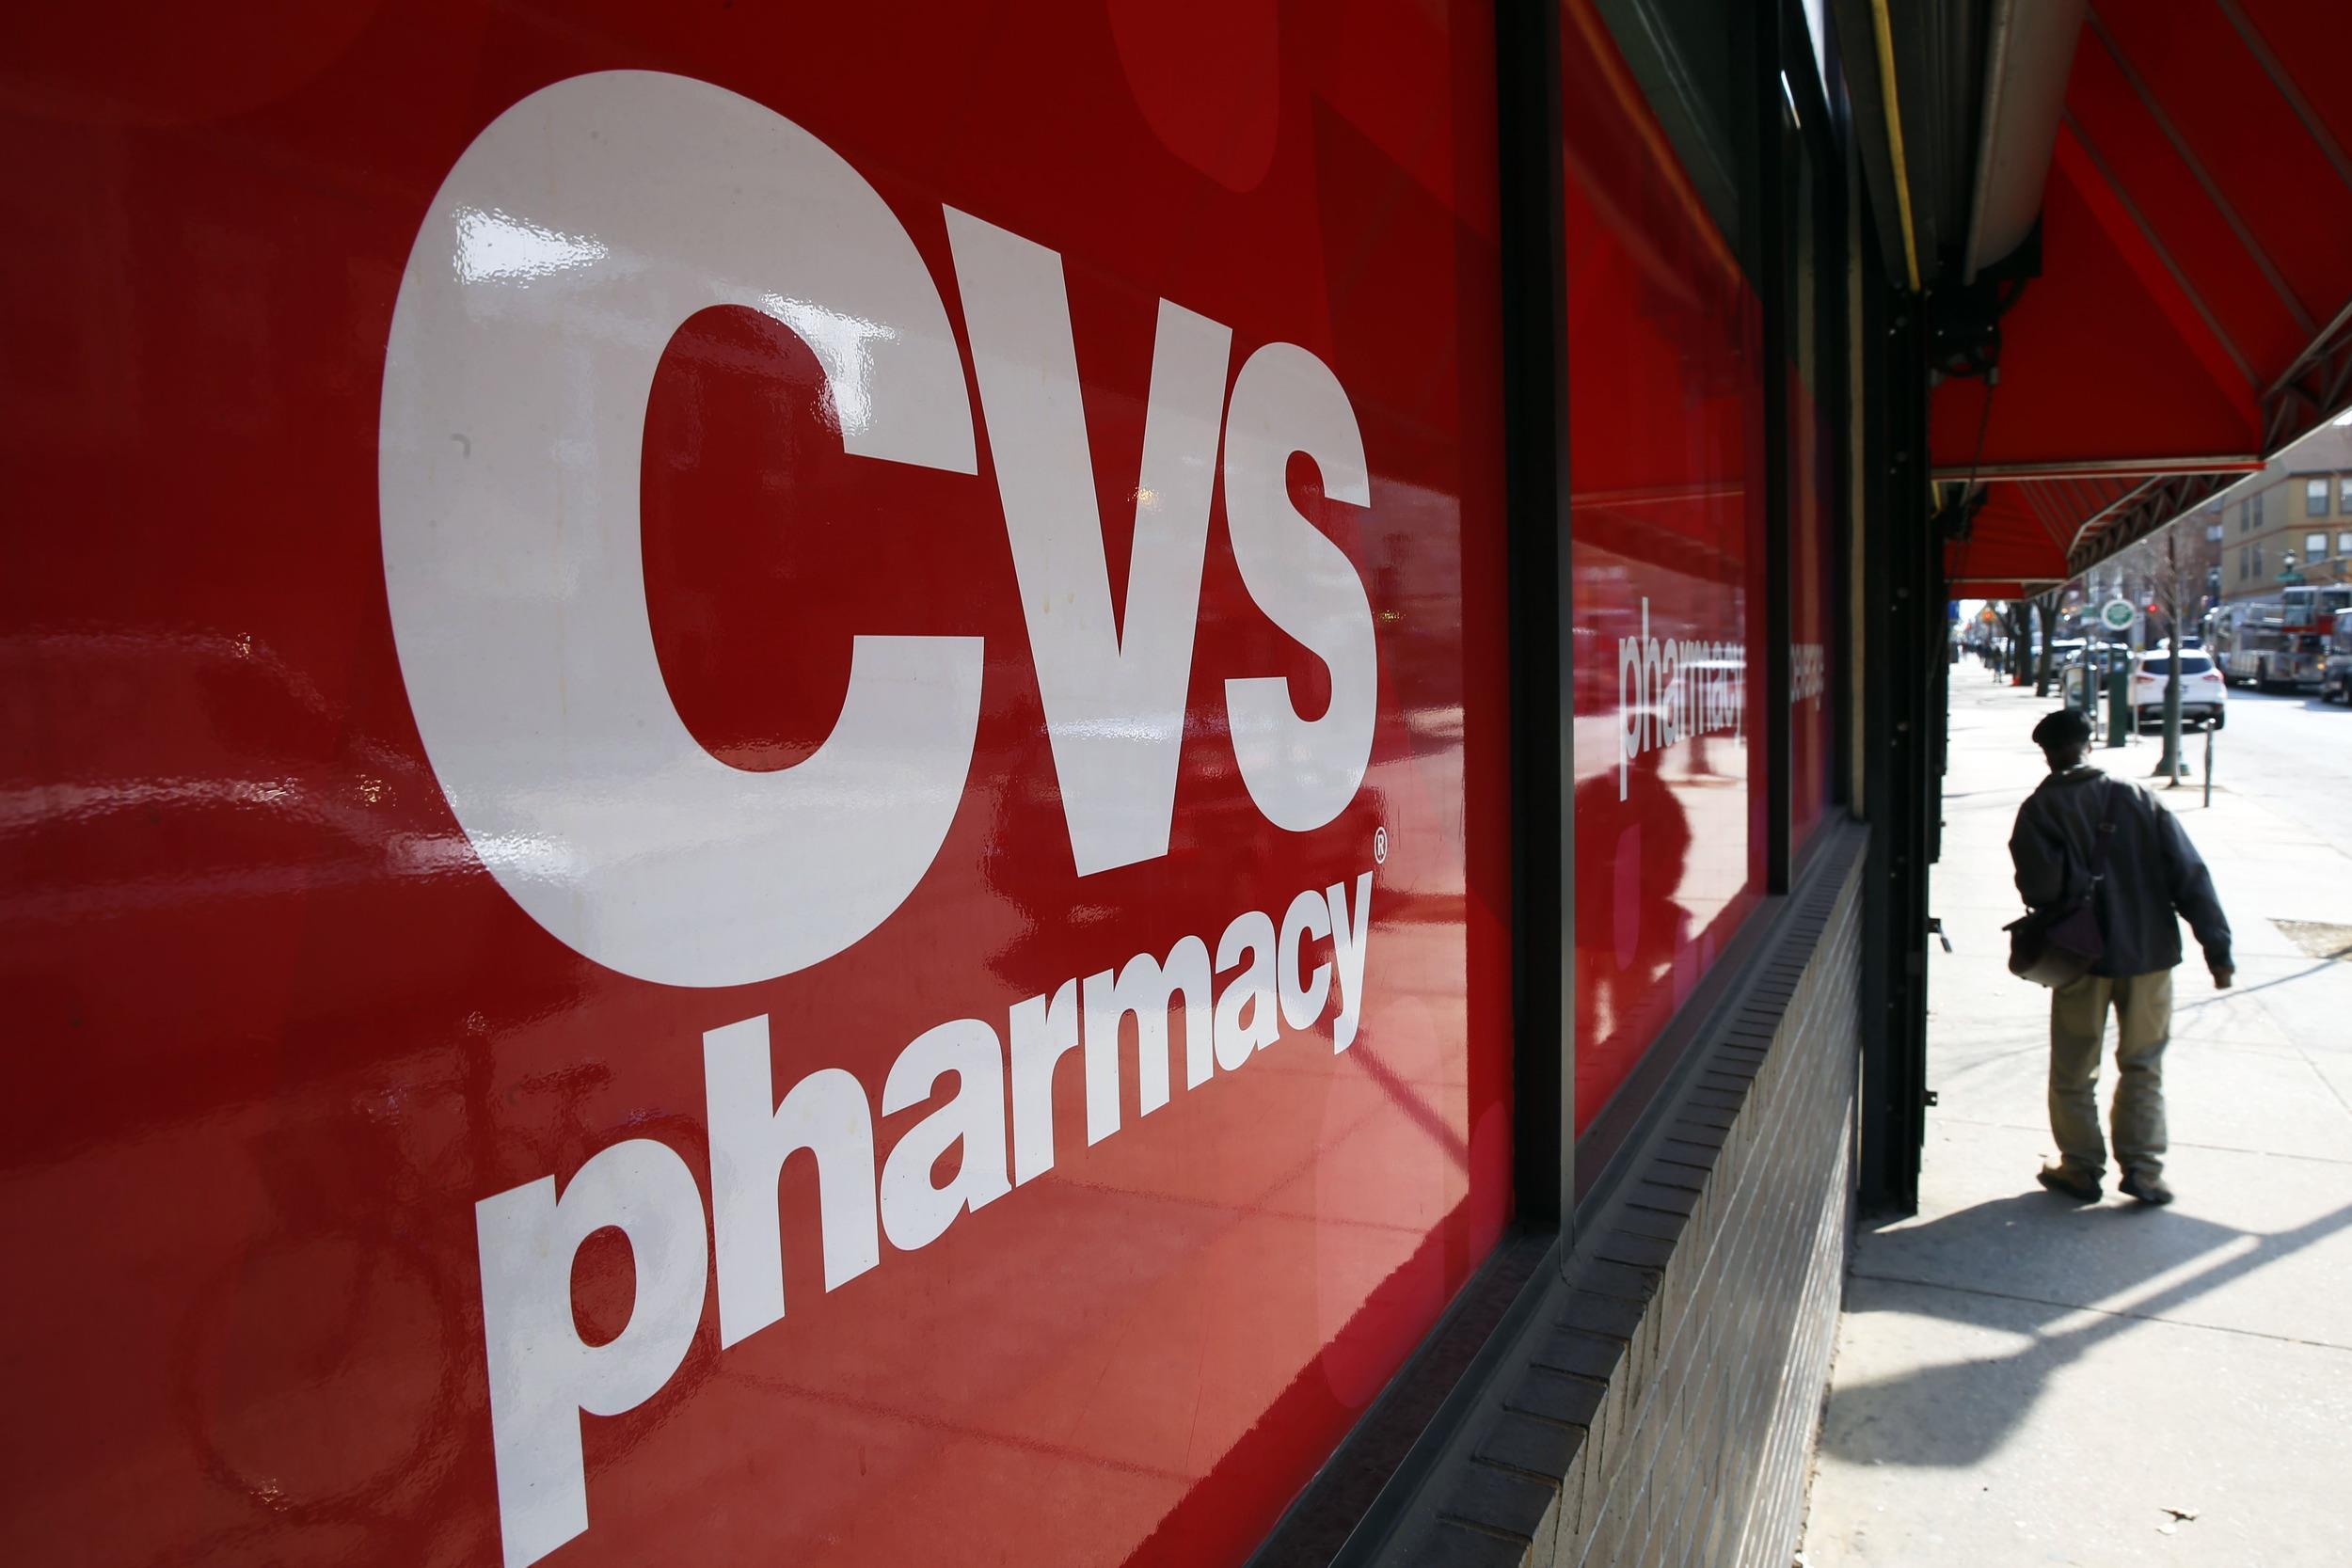 CVS Caremark will now be known as CVS Health.